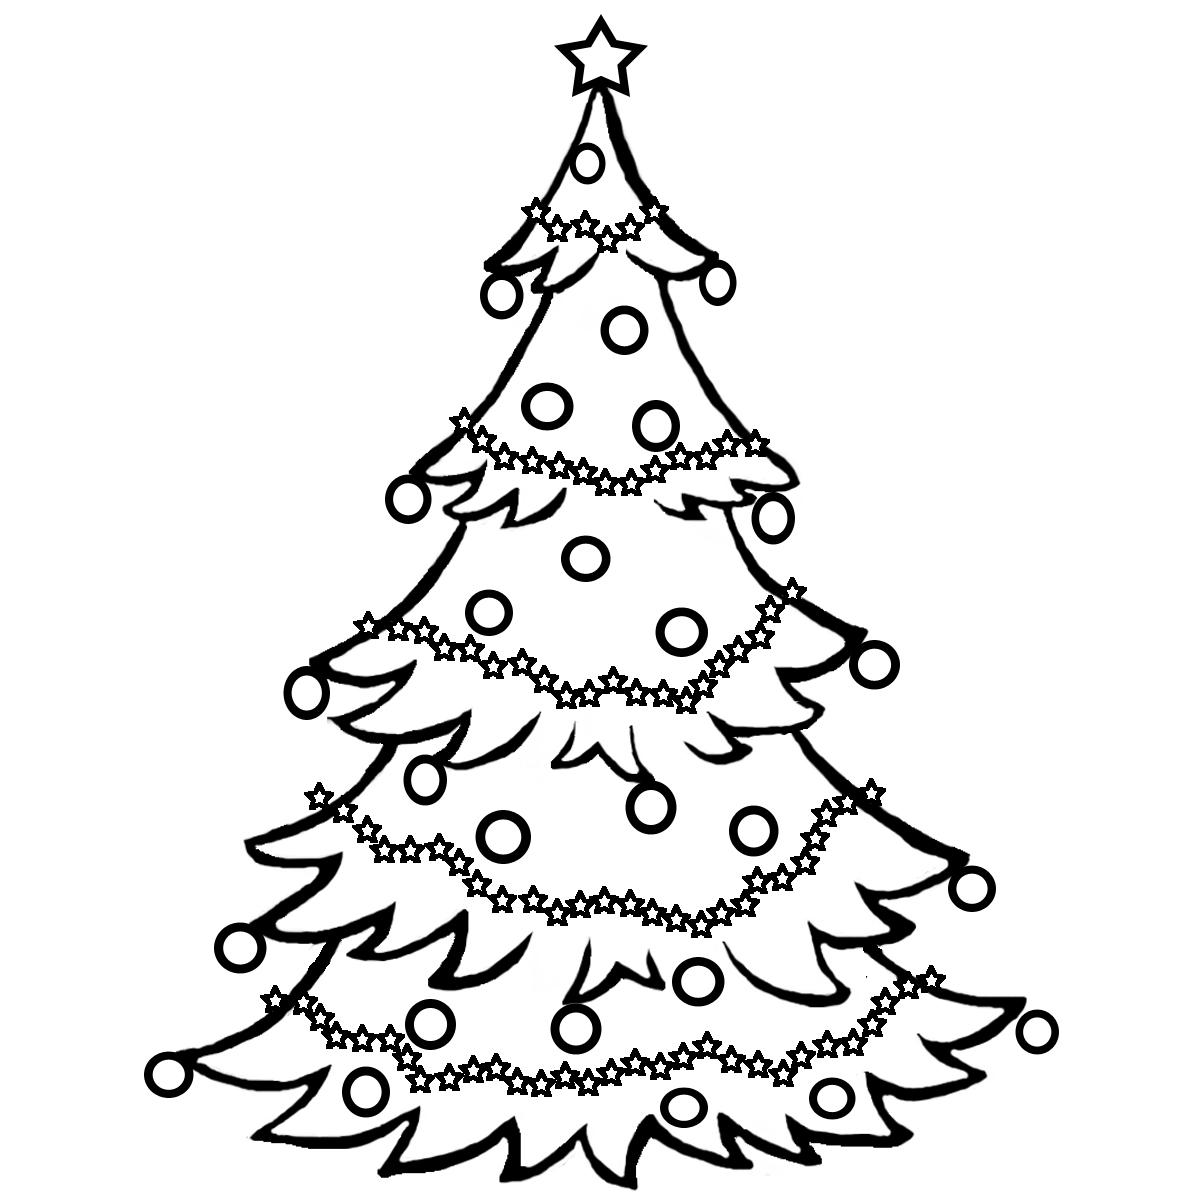 Новогодняя елка с гирляндами из звезд Раскраски на тему зима